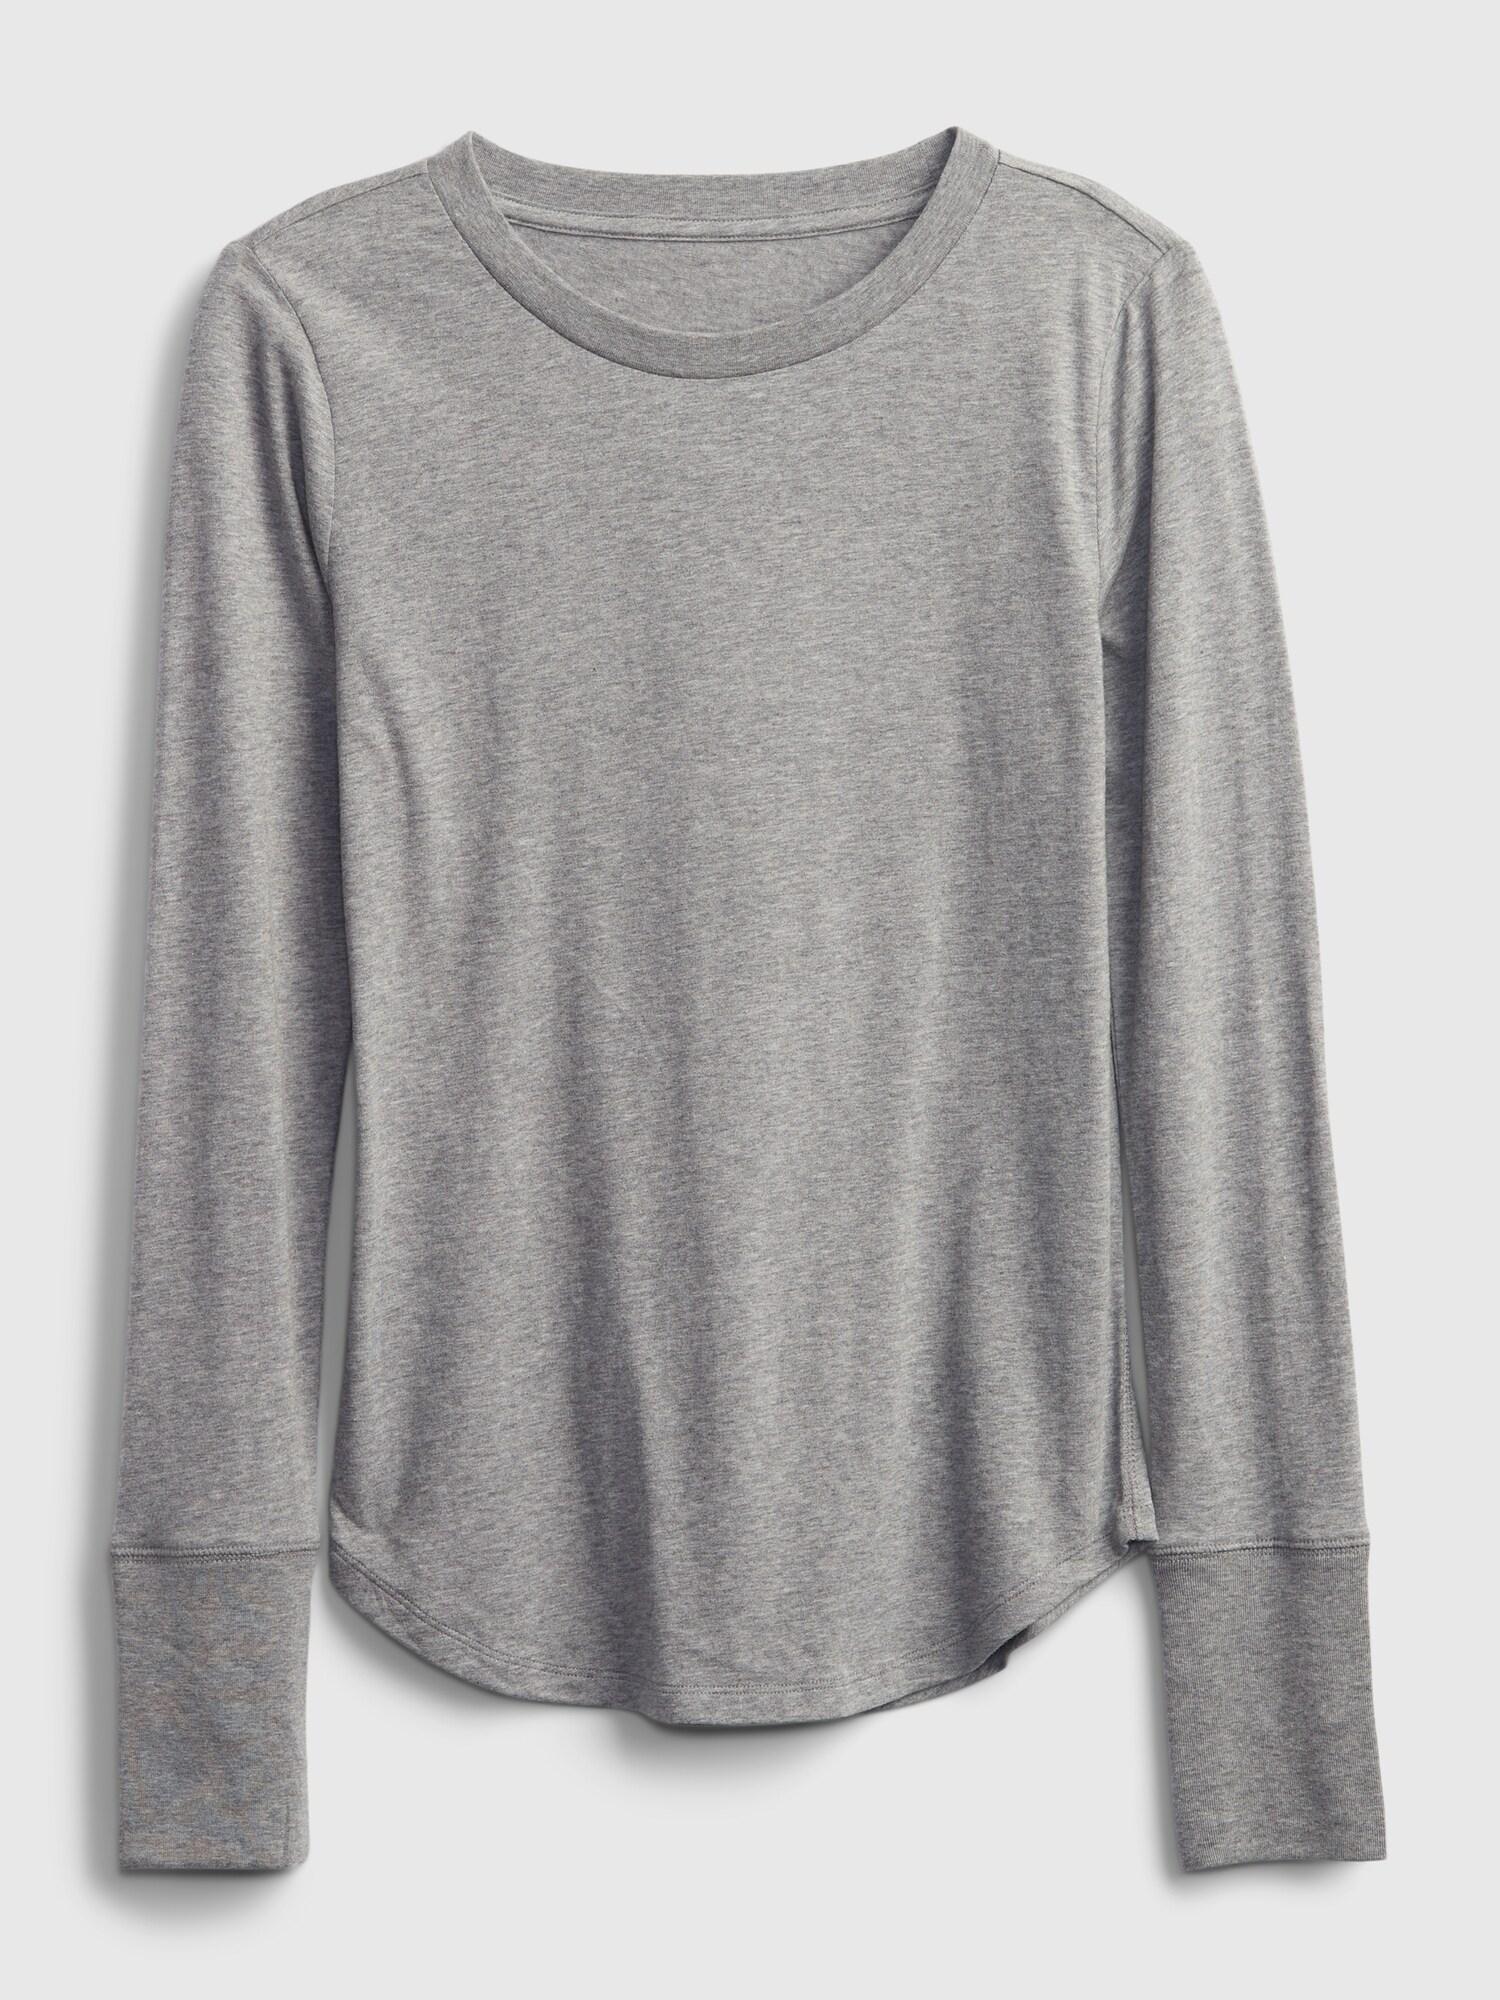 GAP Women's tops grey